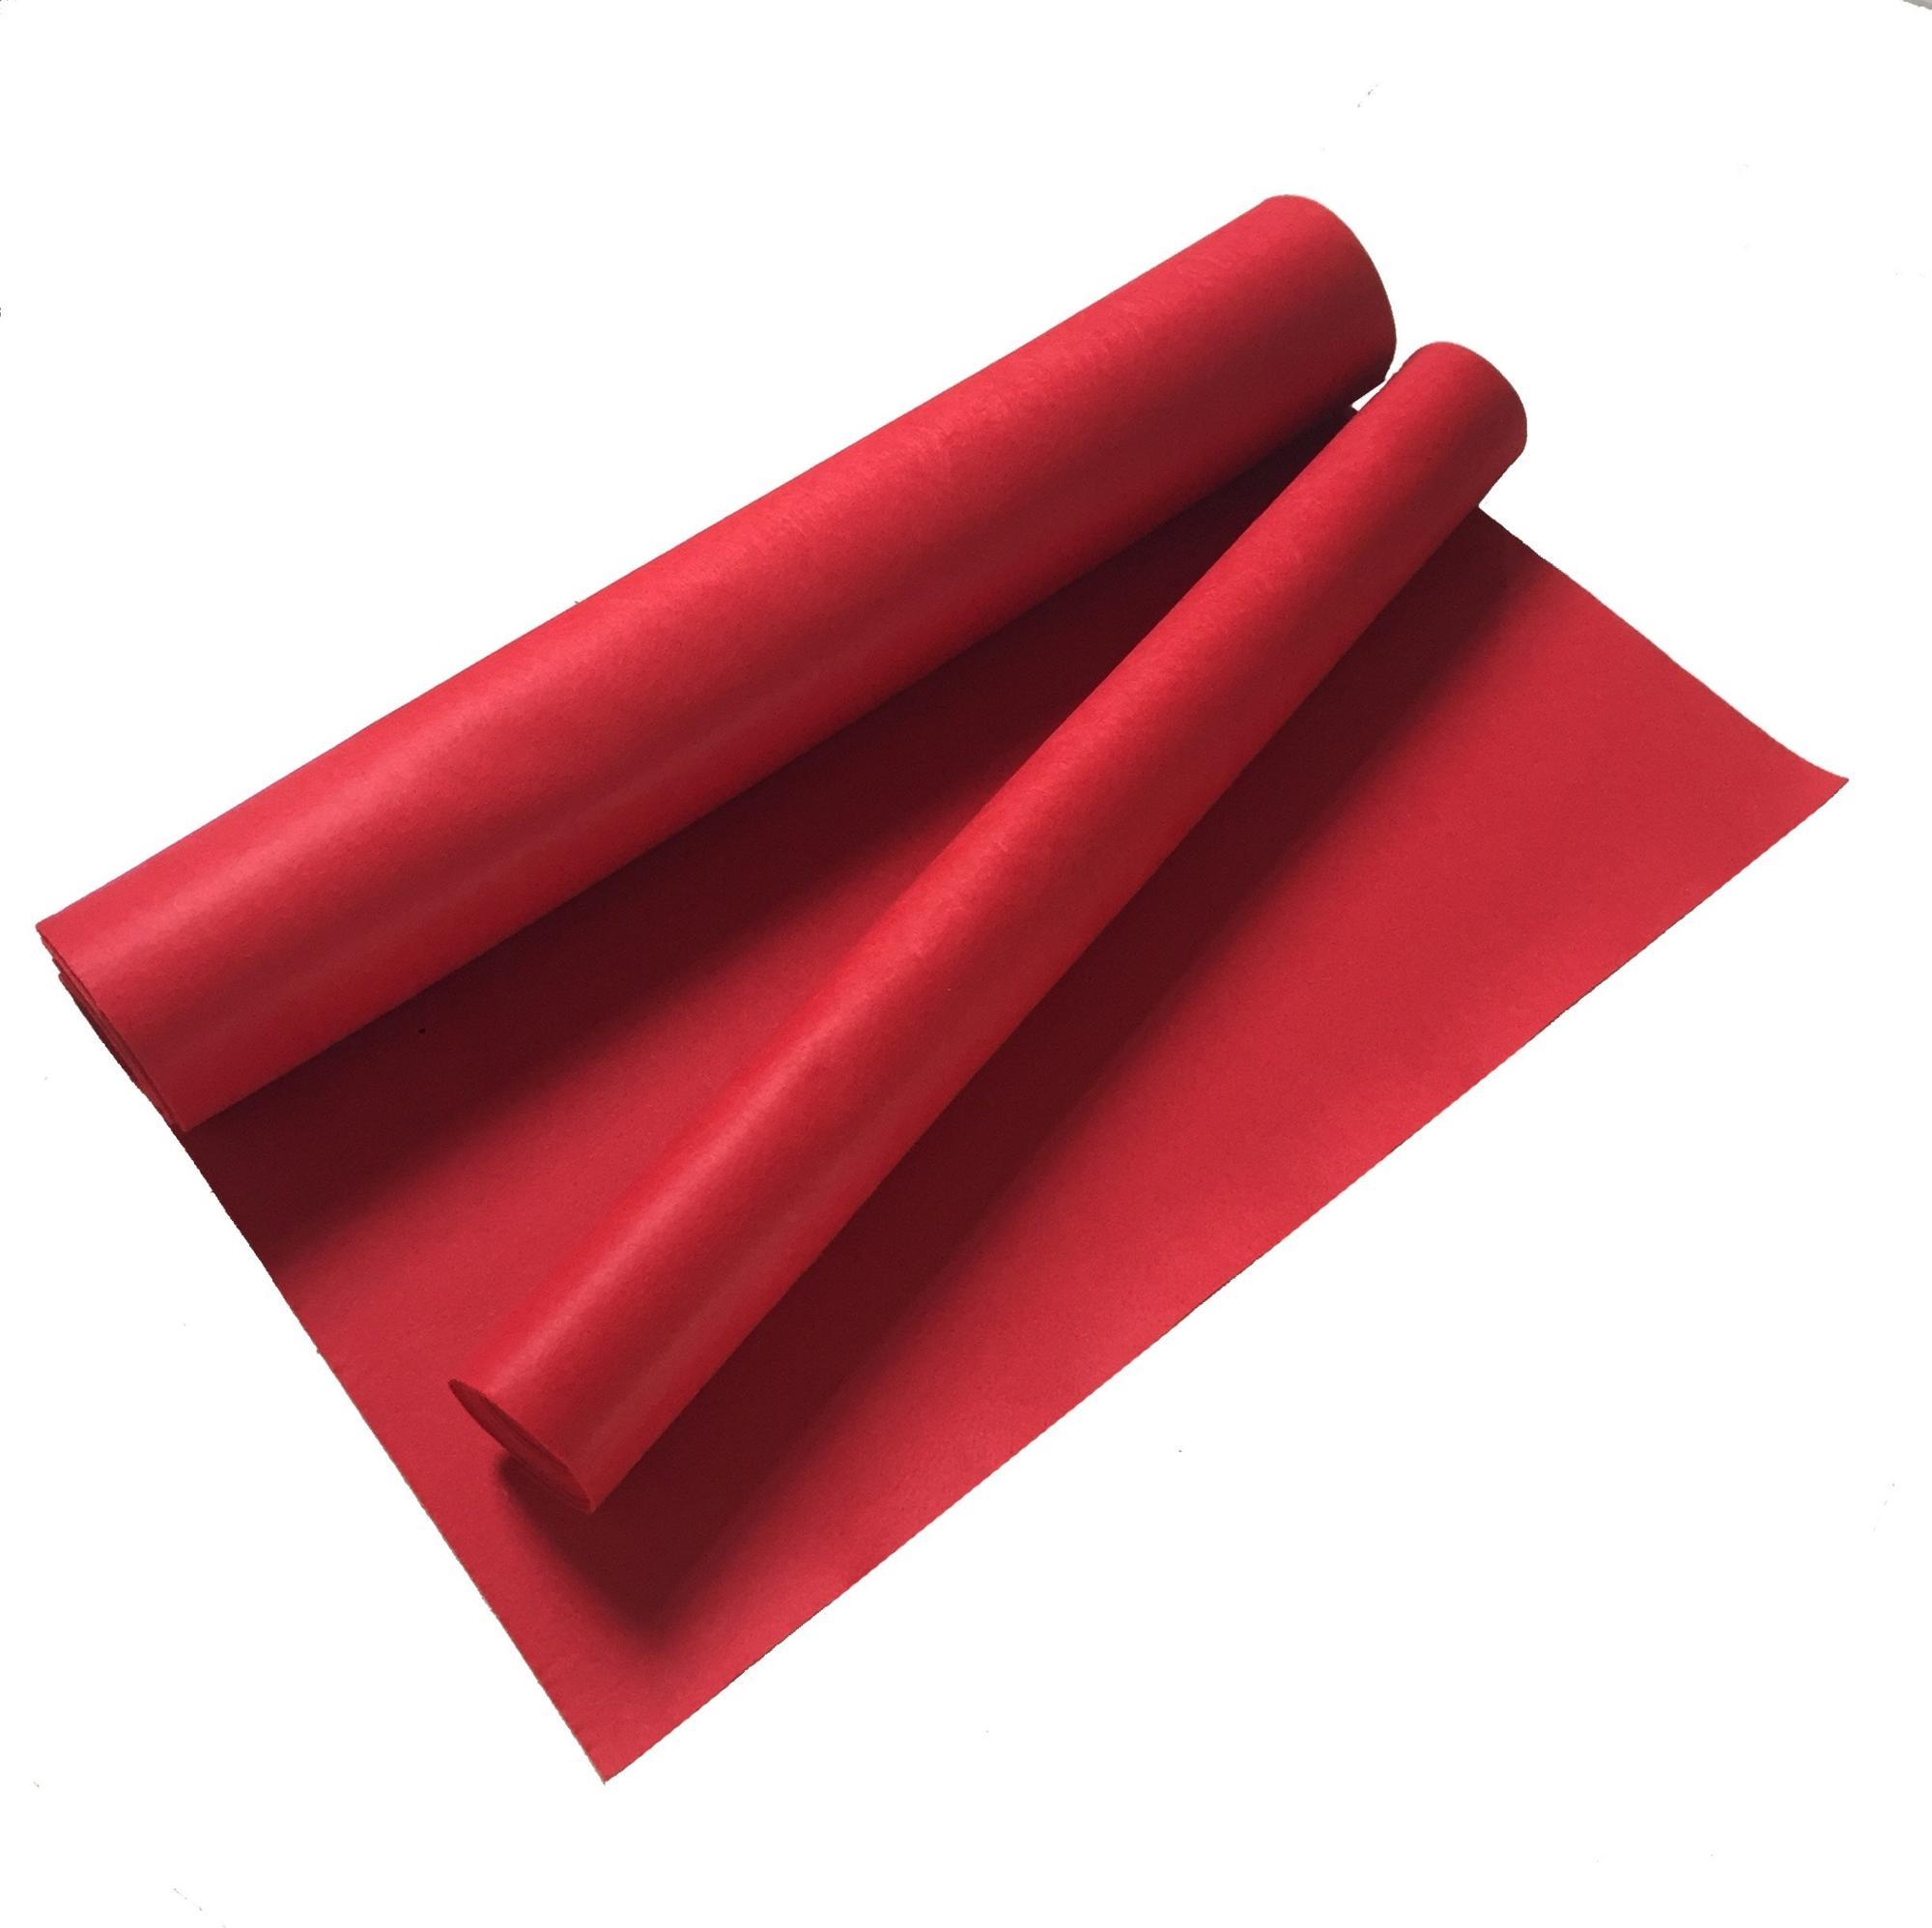 2019 ขายร้อน Wacoal Bra สีแดงพรม Pecan ที่กำหนดเองพรมนิทรรศการสีแดงพรม